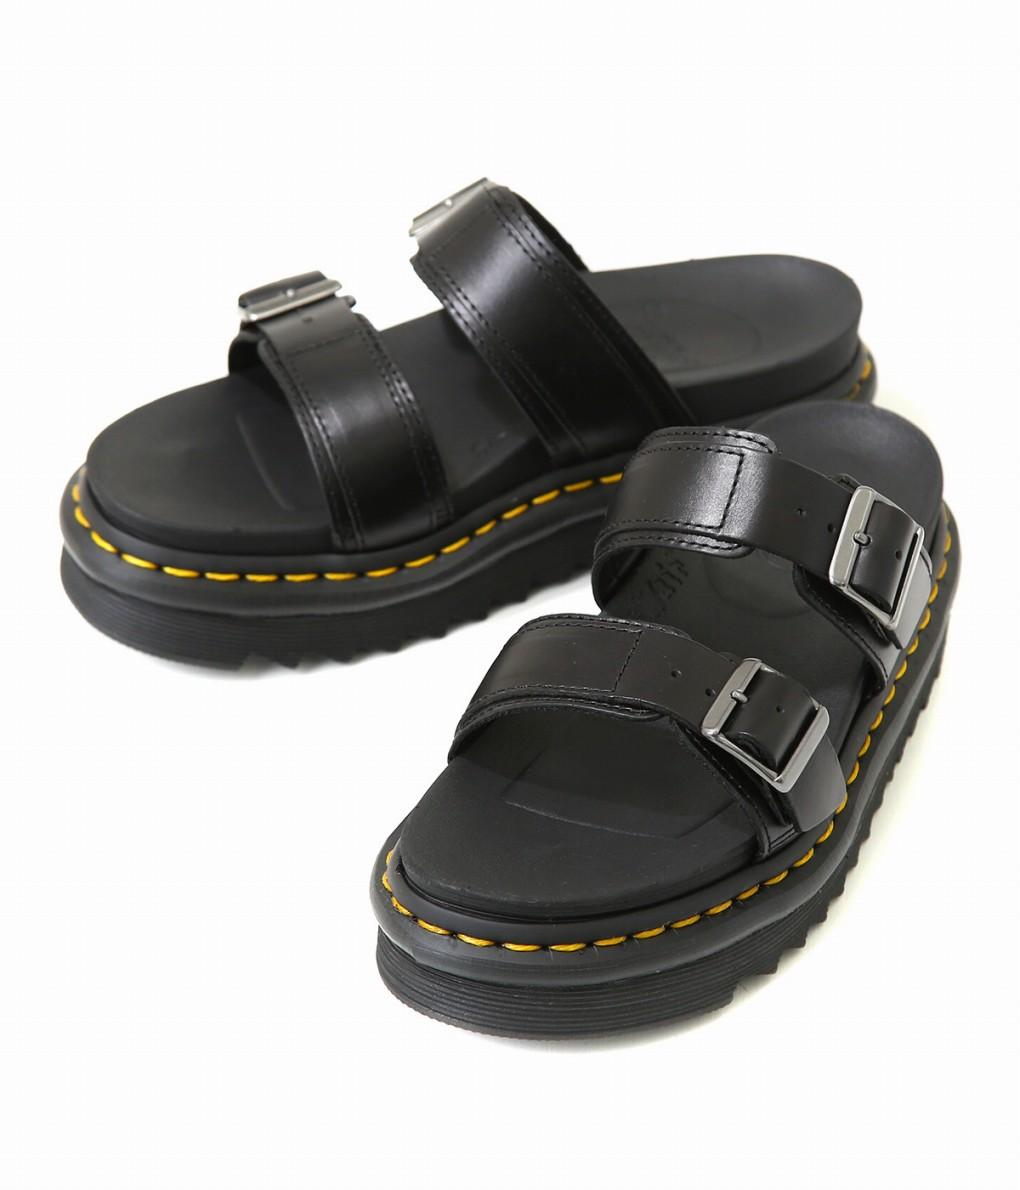 Dr.Martens / ドクターマーチン : MYLES :マイレス シューズ ドクターマーチン 靴 サンダル レディース : 23523001 【ANN】